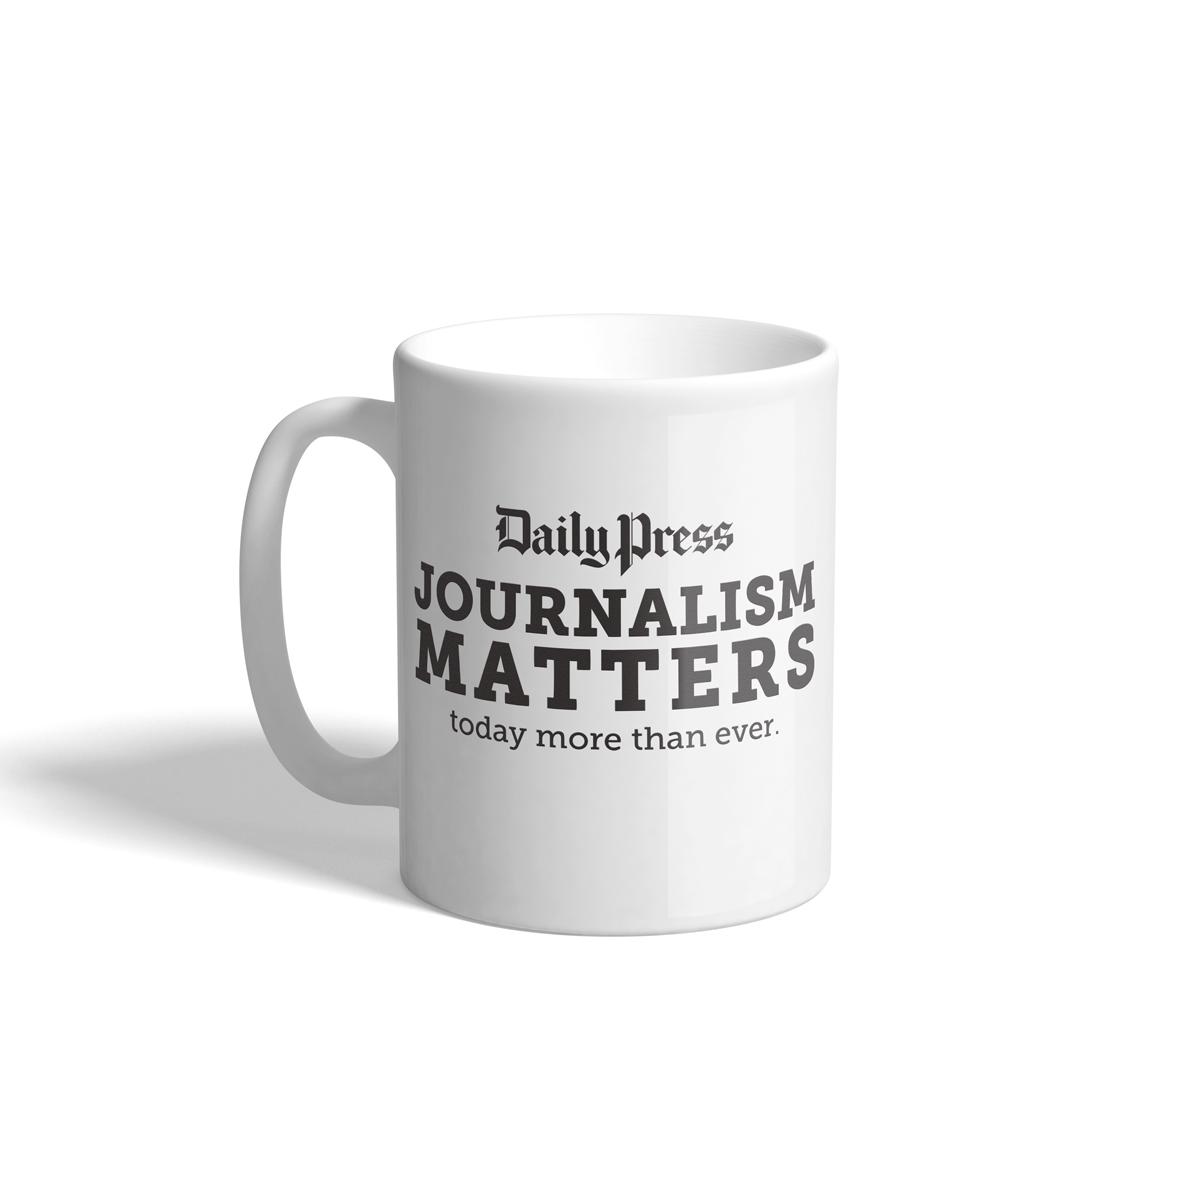 Daily Press Journalism Matters Mug